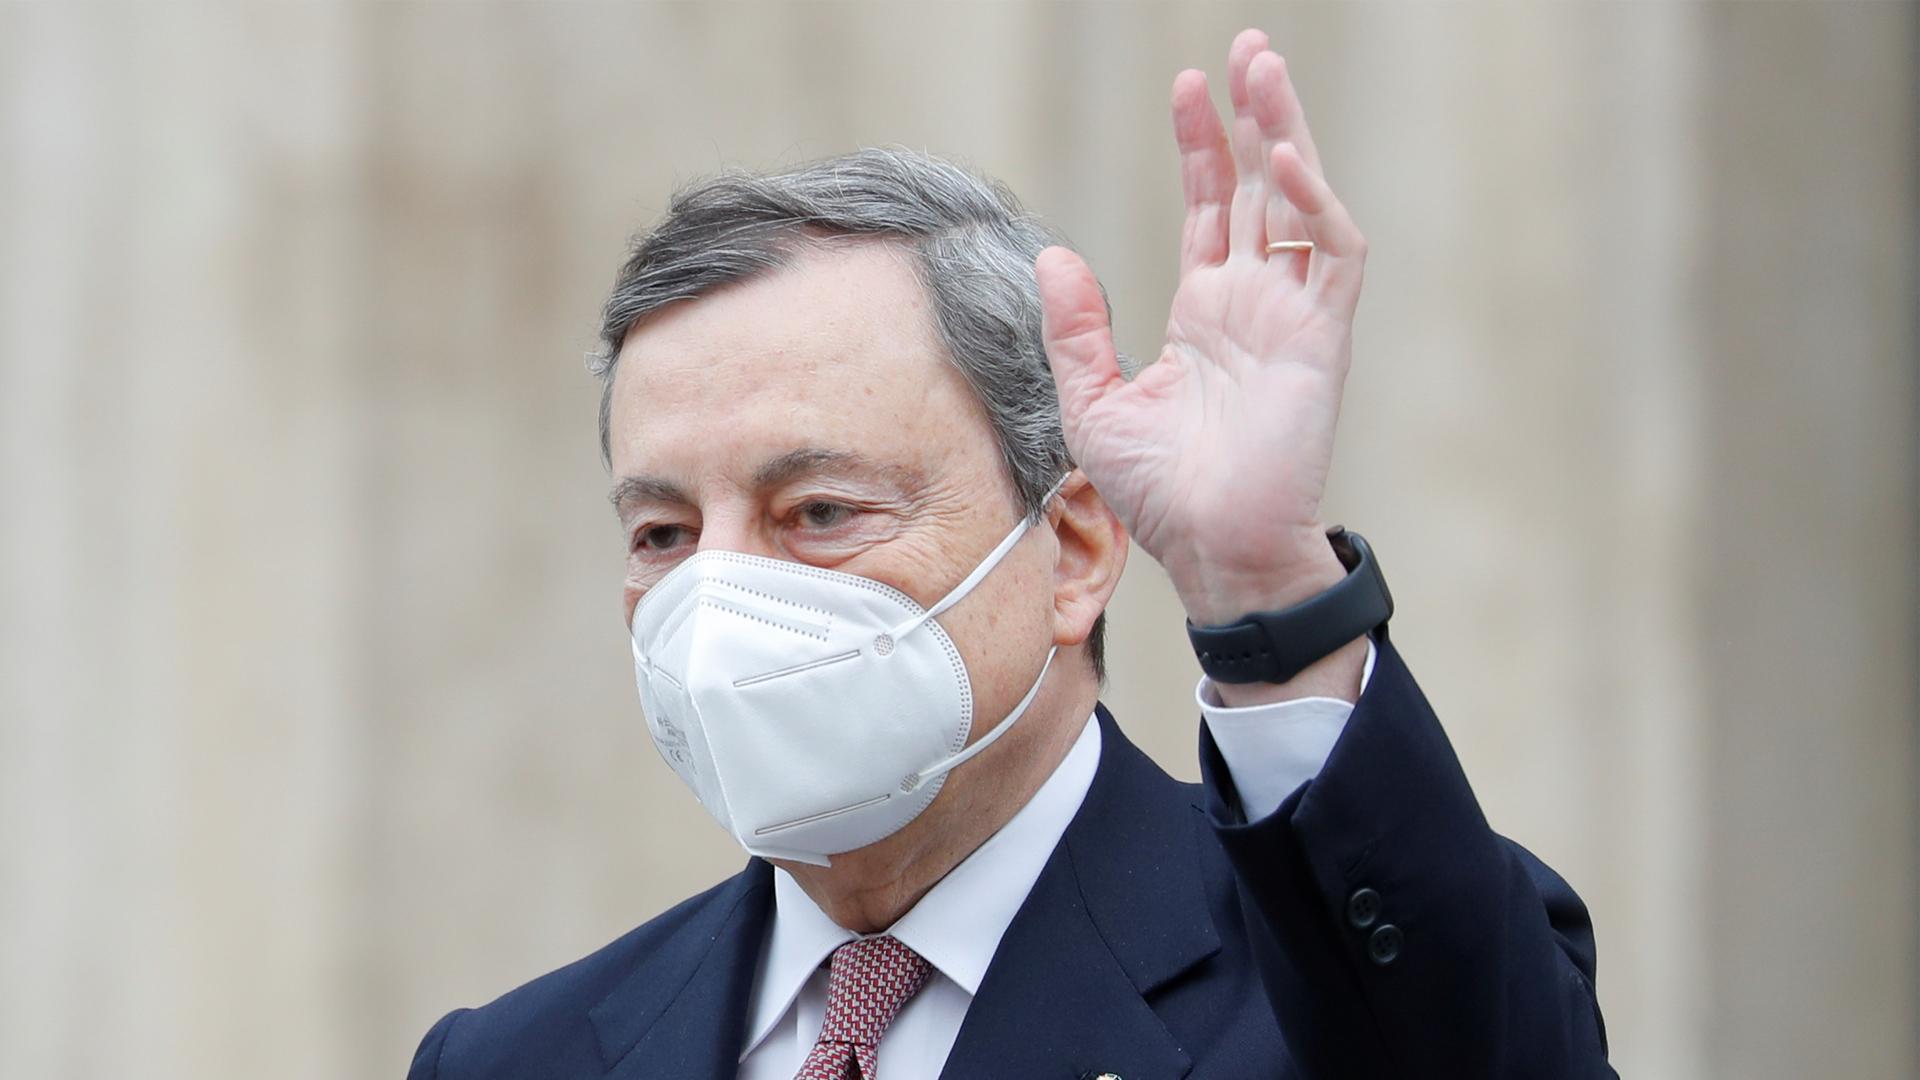 El expresidente del Banco Central Europeo, Mario Draghi, asumió el cargo de primer ministro. Foto: Archivo DEF.